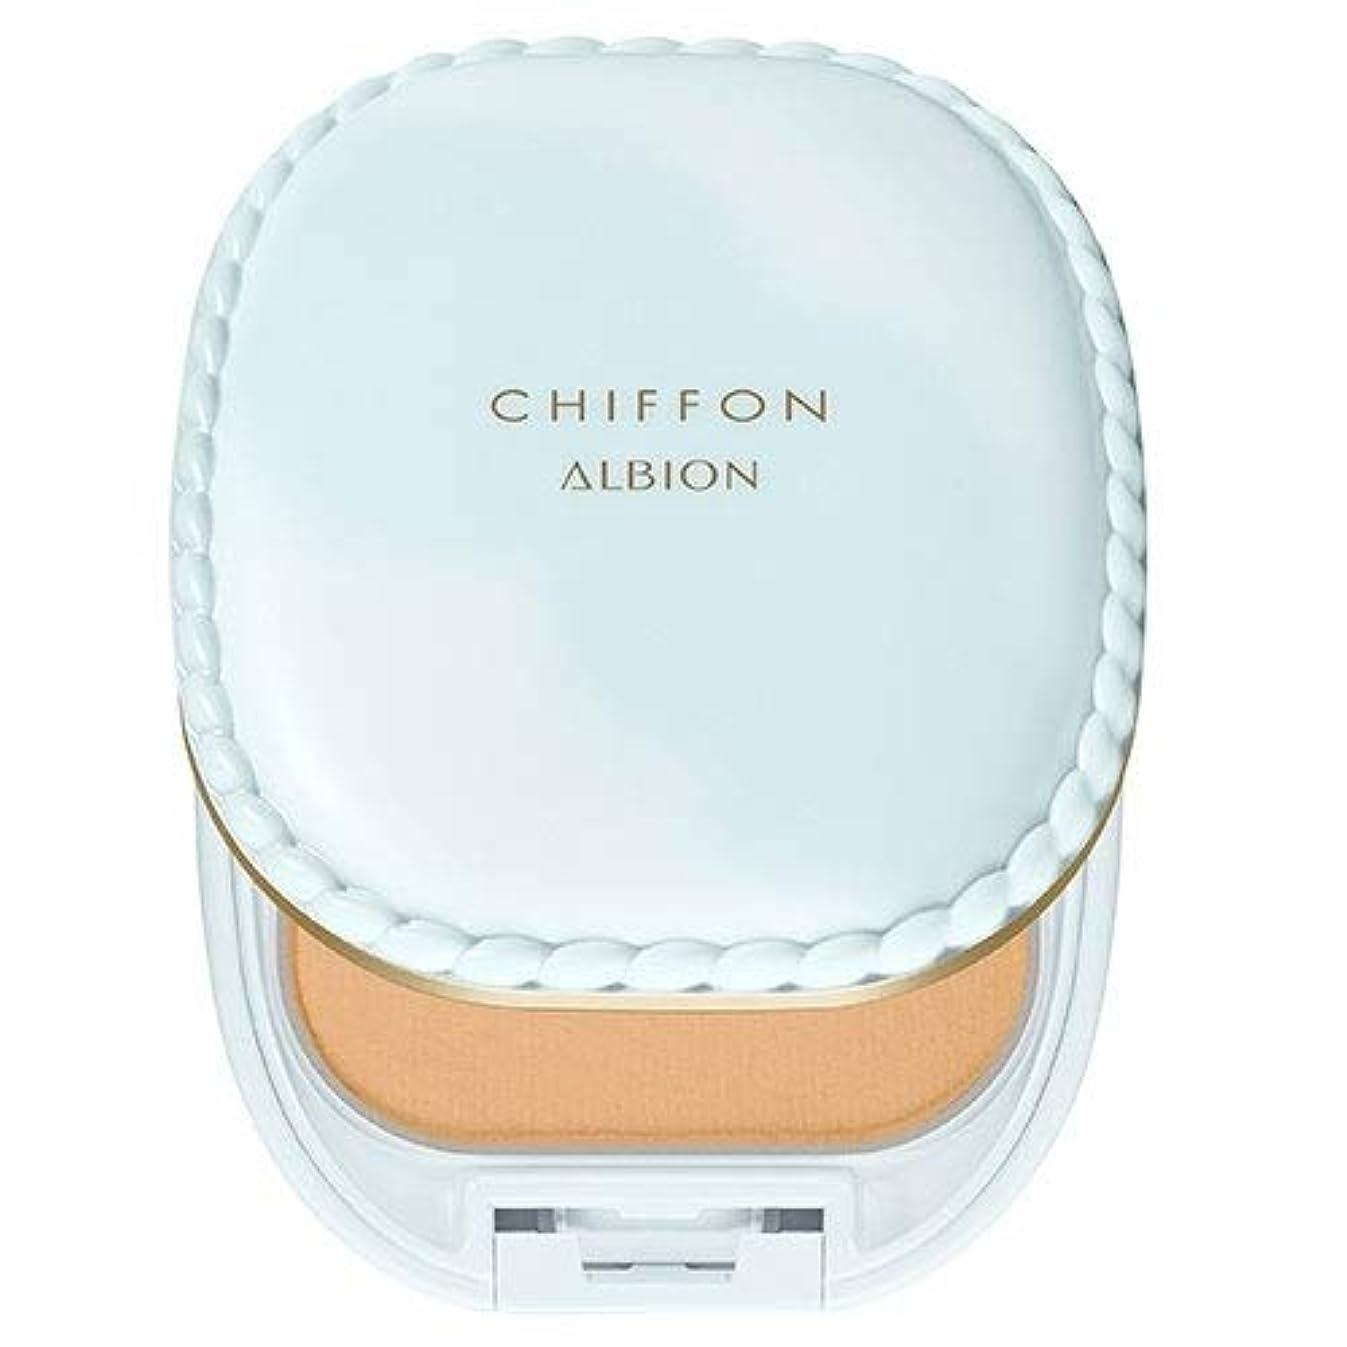 冷ややかな意気込み好きアルビオン スノー ホワイト シフォン 全6色 SPF25?PA++ 10g (レフィルのみ) -ALBION- 010